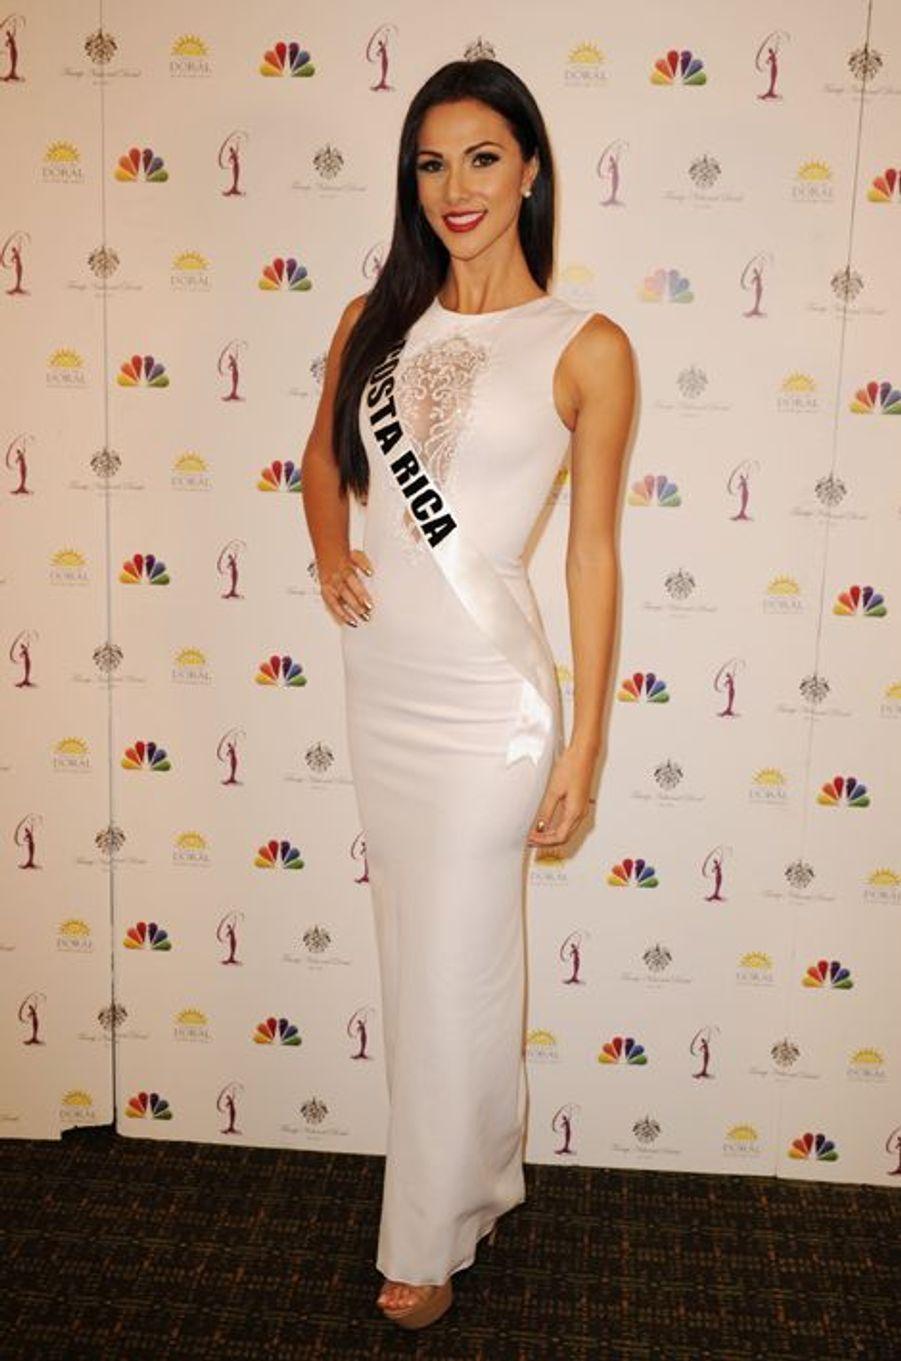 Miss Costa Rica à la dernière conférence de presse Miss Univers 2015